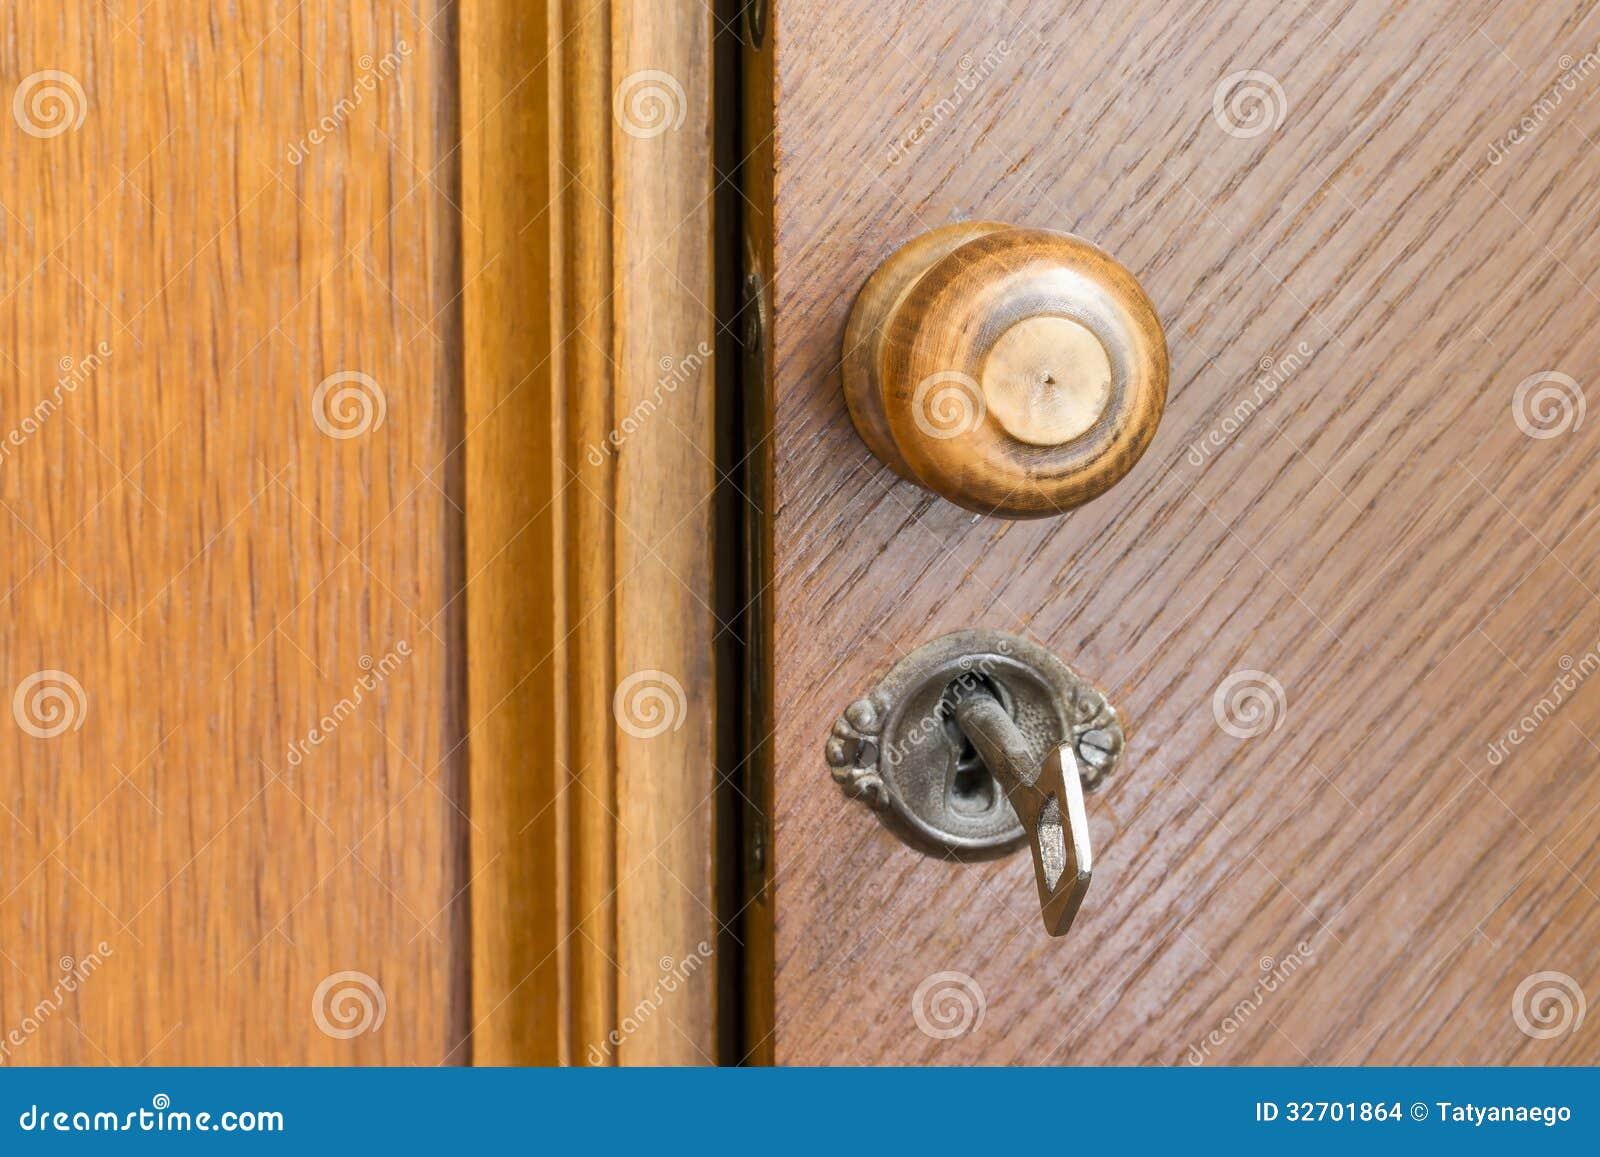 poign 233 e et cl 233 de porte en bois dans un trou de la serrure images stock image 32701864